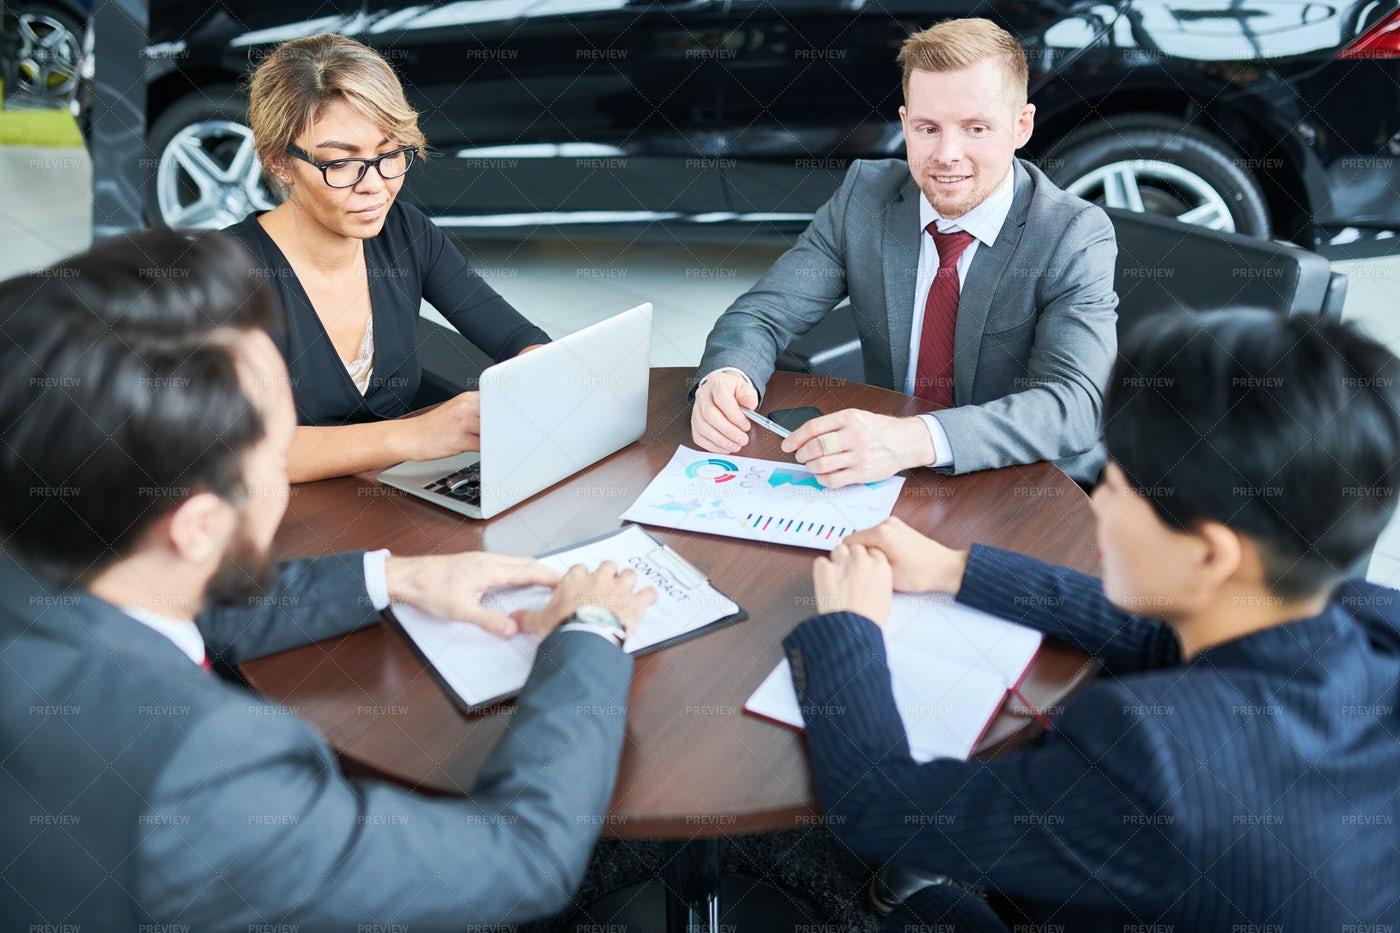 Business Team At Car Salon: Stock Photos